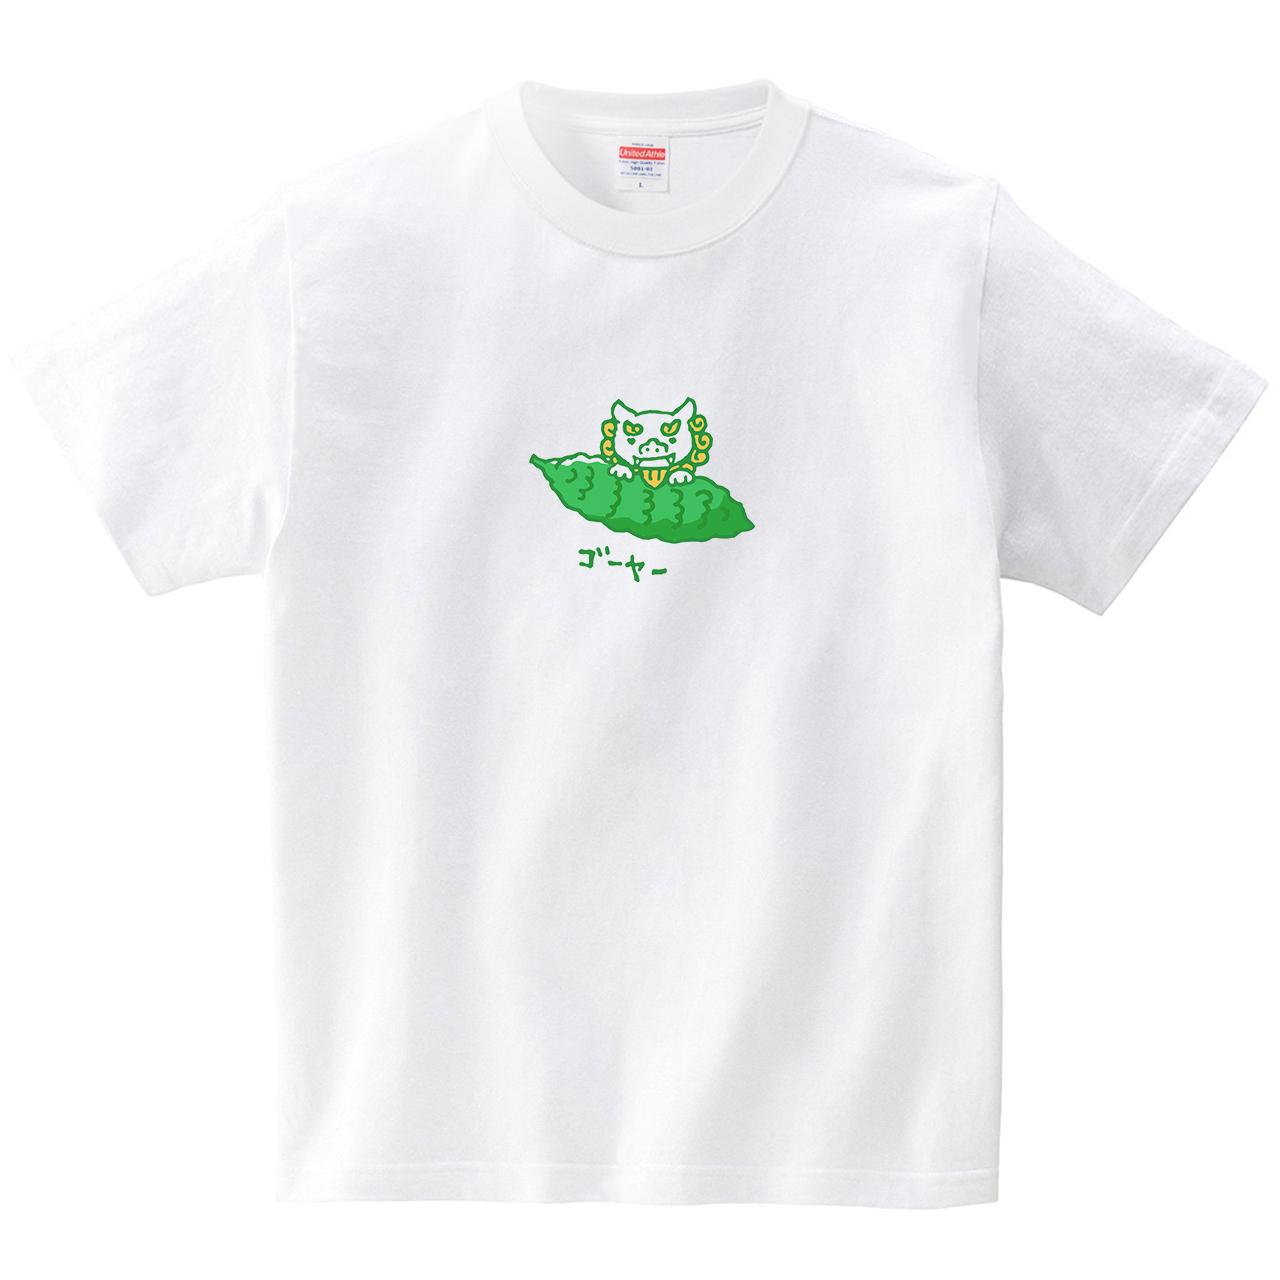 ゴーヤー&シーサー(Tシャツ・ホワイト)(あずき*)